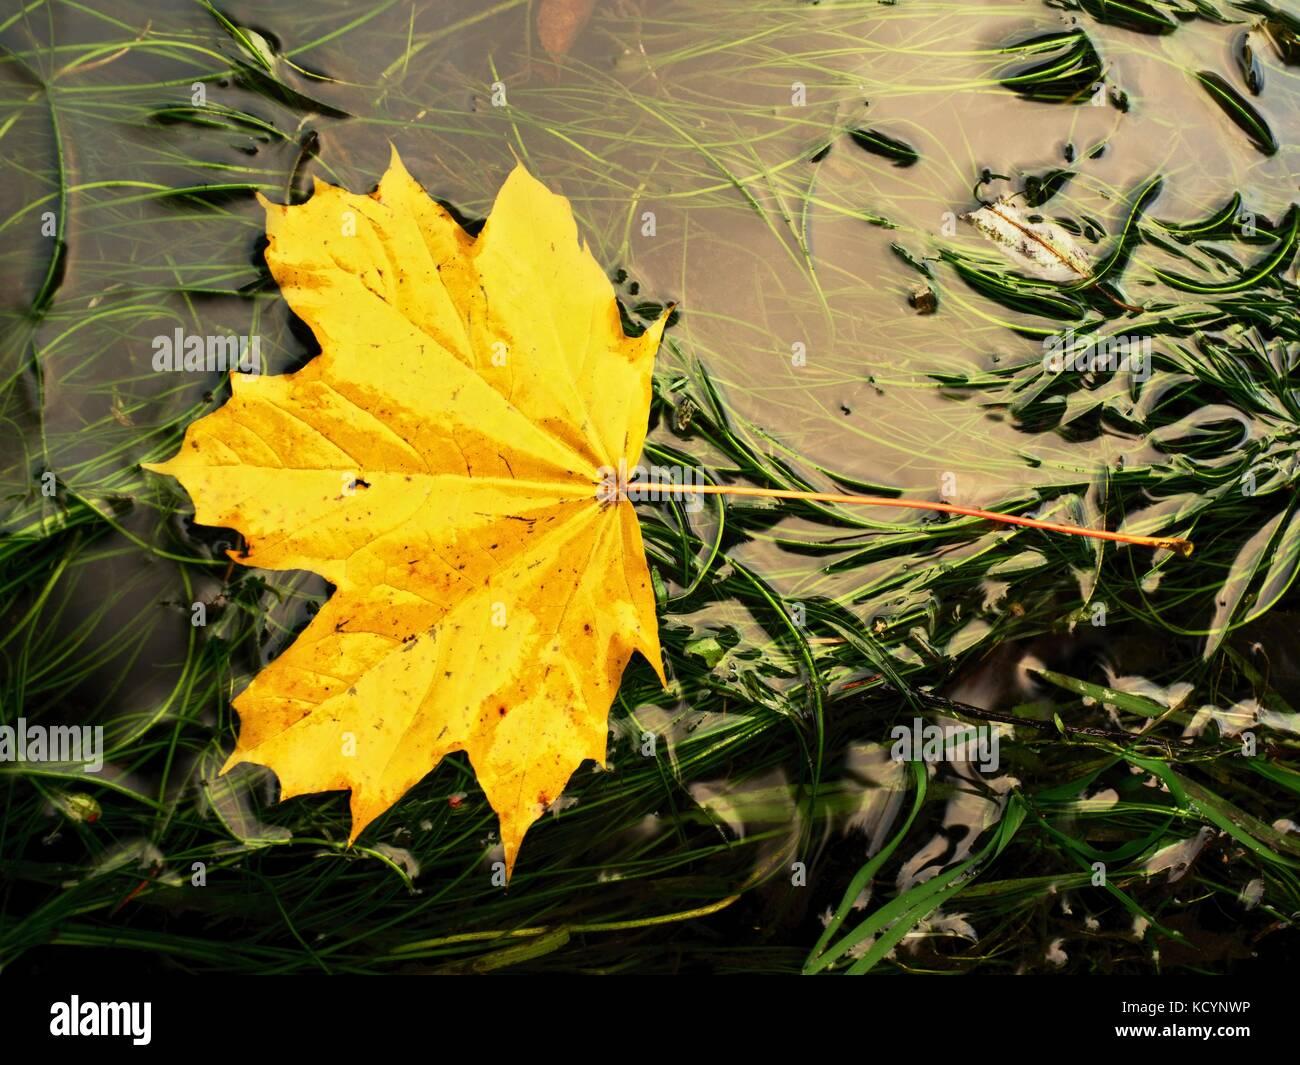 Caído maple leaf en algas verdes. podrido amarillo anaranjado salpicado maple leaf en agua fría de rapids. colorido otoño símbolo. Foto de stock